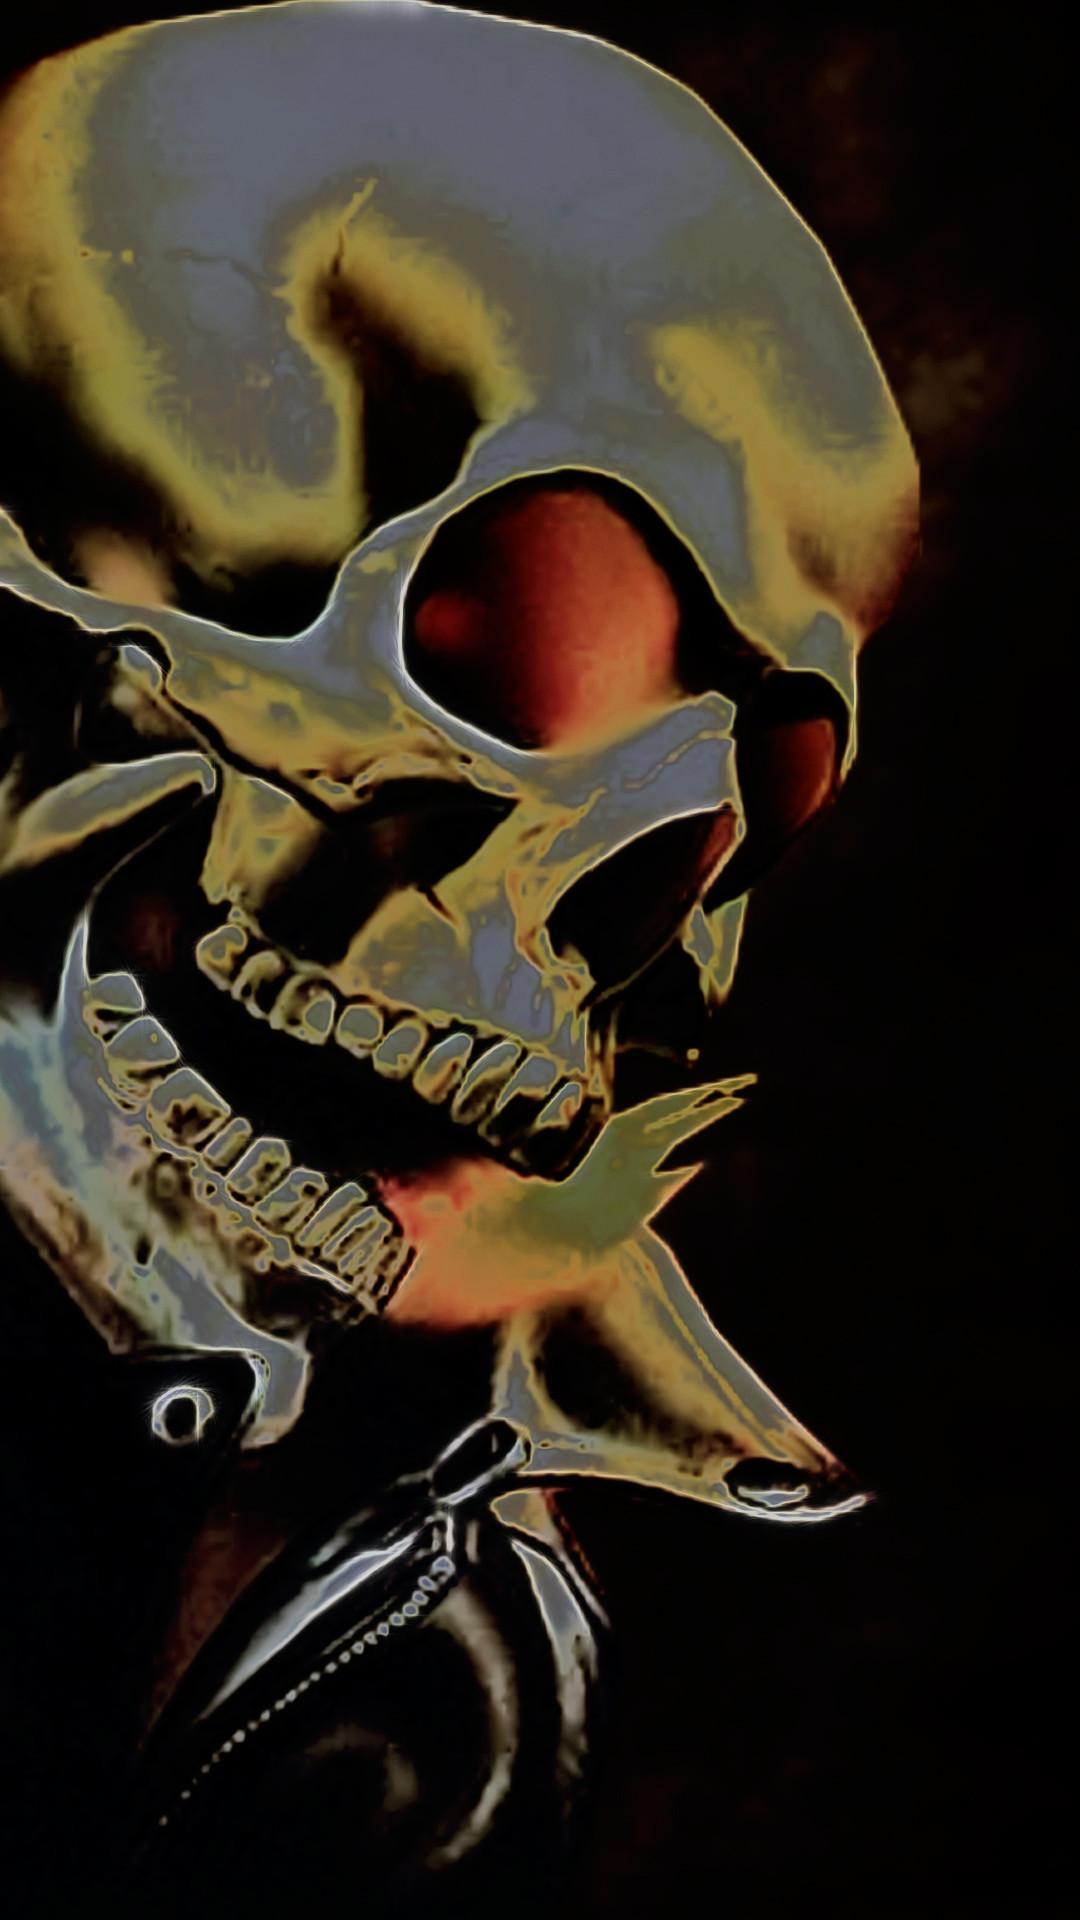 Ghost Rider Background...